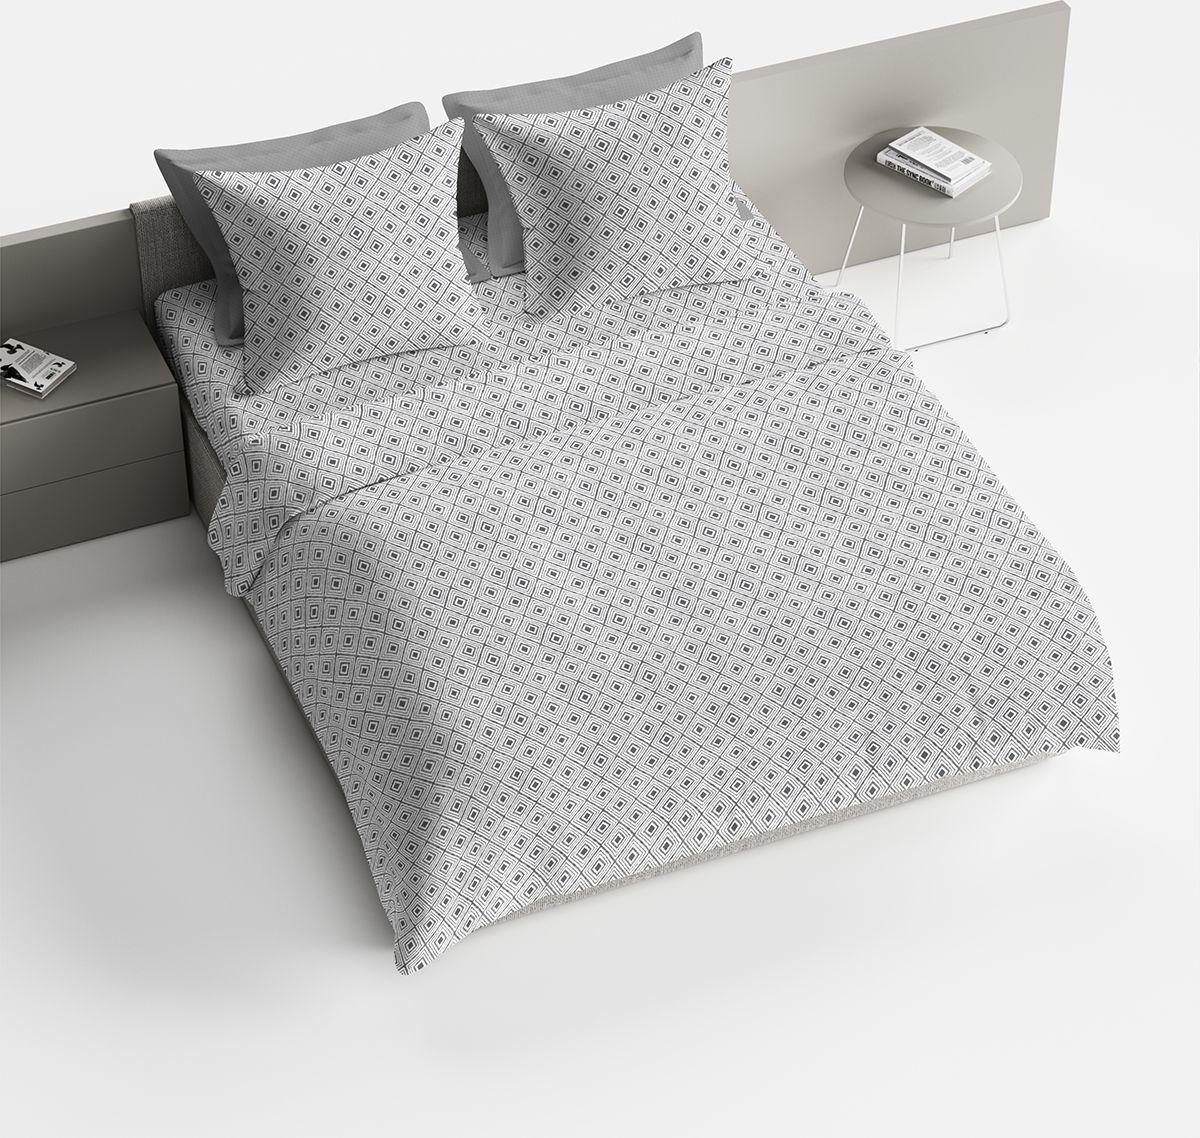 Комплект белья Браво Франко, 2-х спальное, наволочки 70x70, цвет: серый. 4096-189765